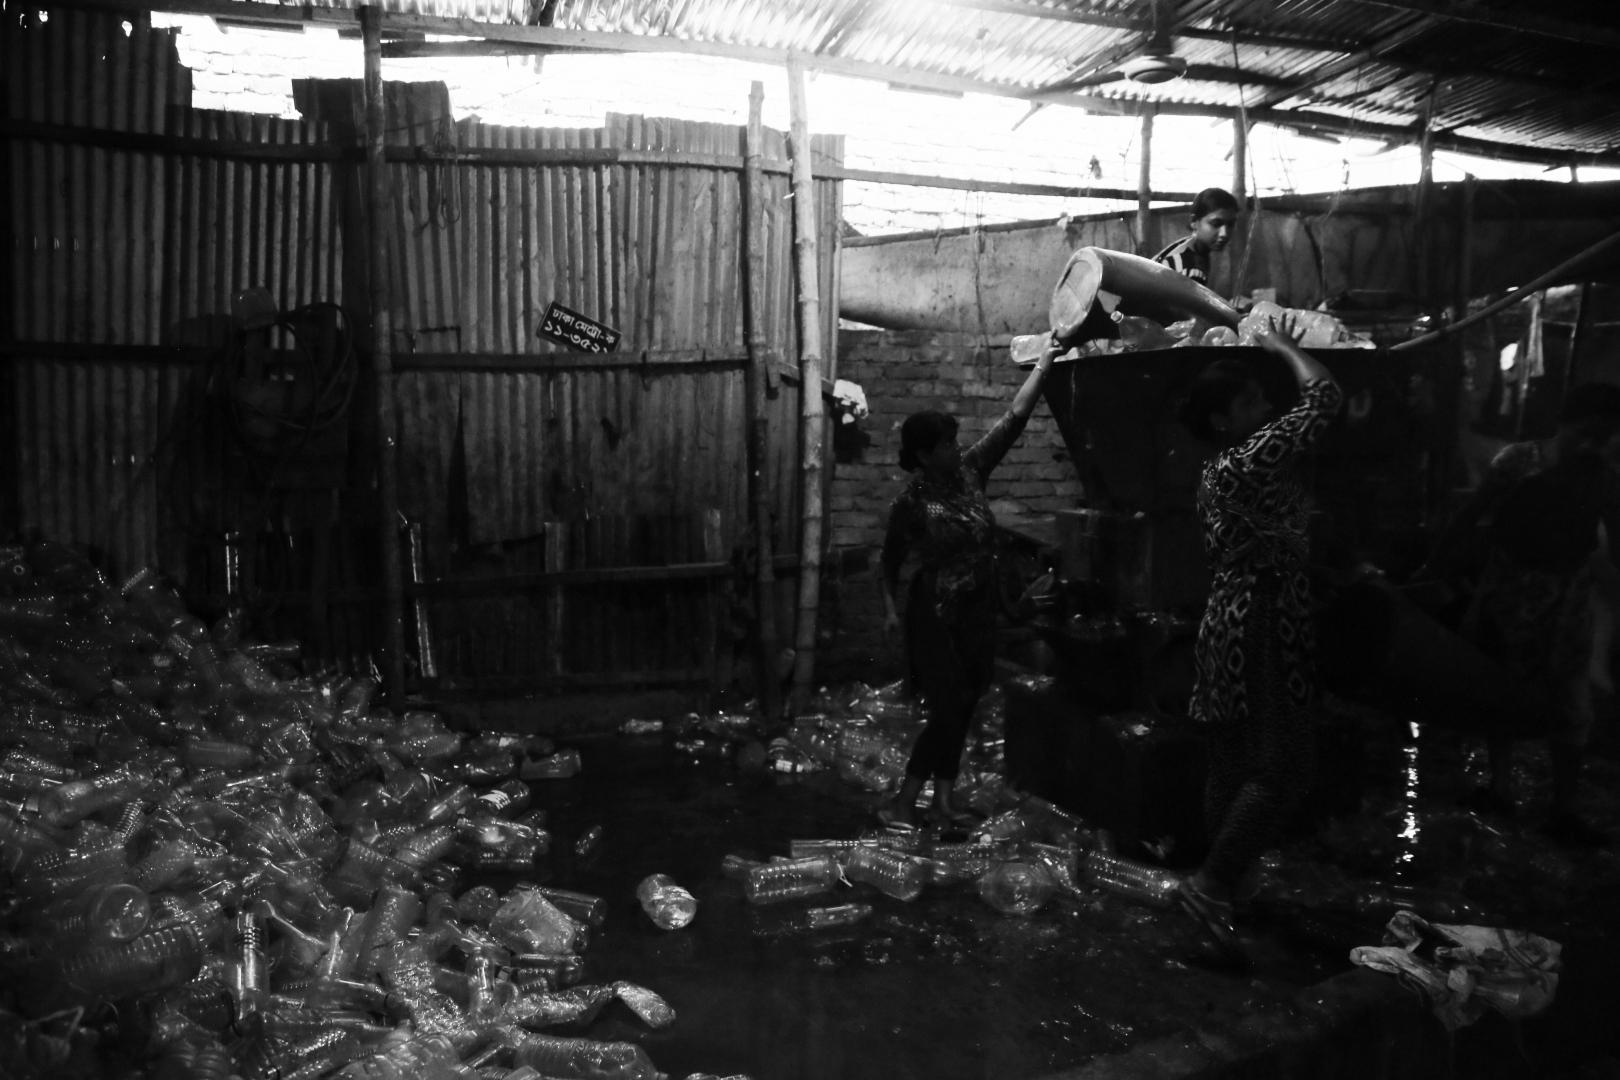 Механическая переработка пластика осуществляется женщинами, жительницами трущоб